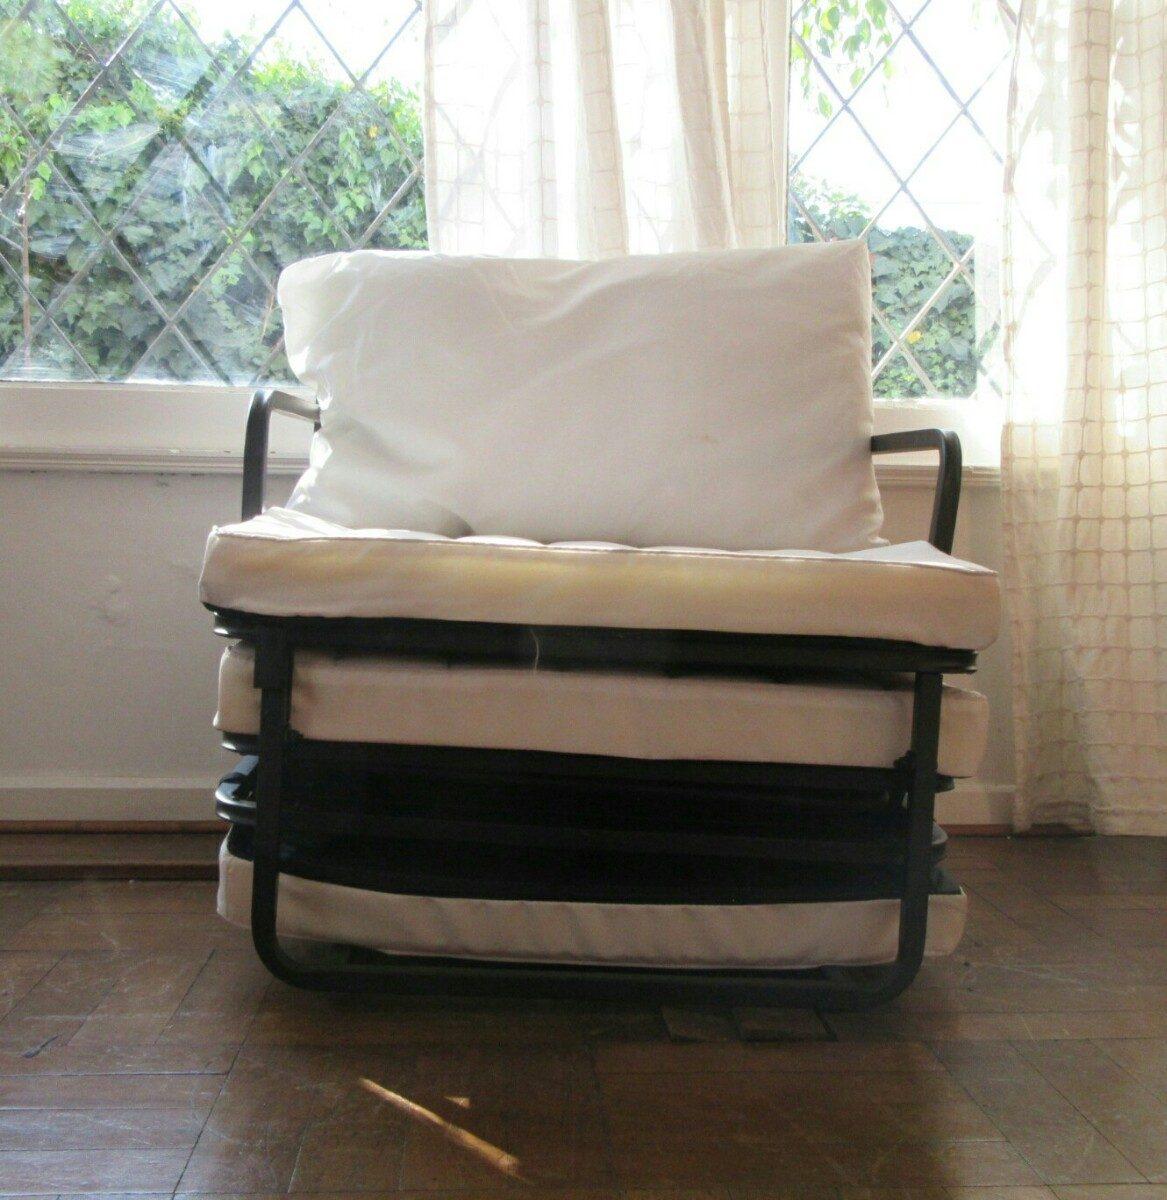 Ultima unidad sill n cama 1 plaza incluye funda y almohada for Sillon cama chile